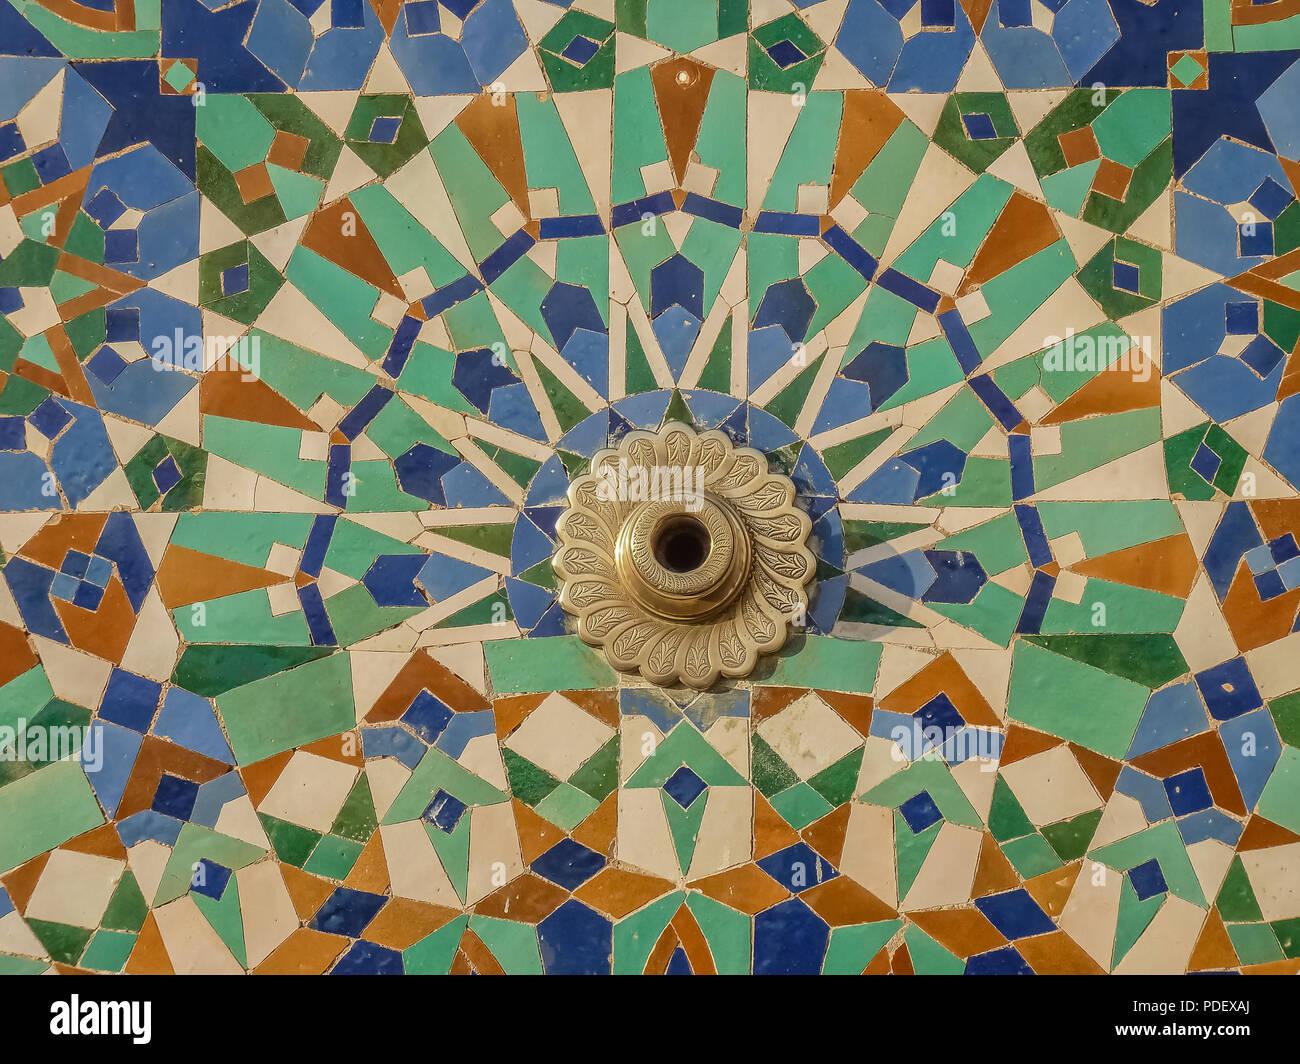 Piastrelle stile marocco: ateliers zelij: piastrelle marocchine di